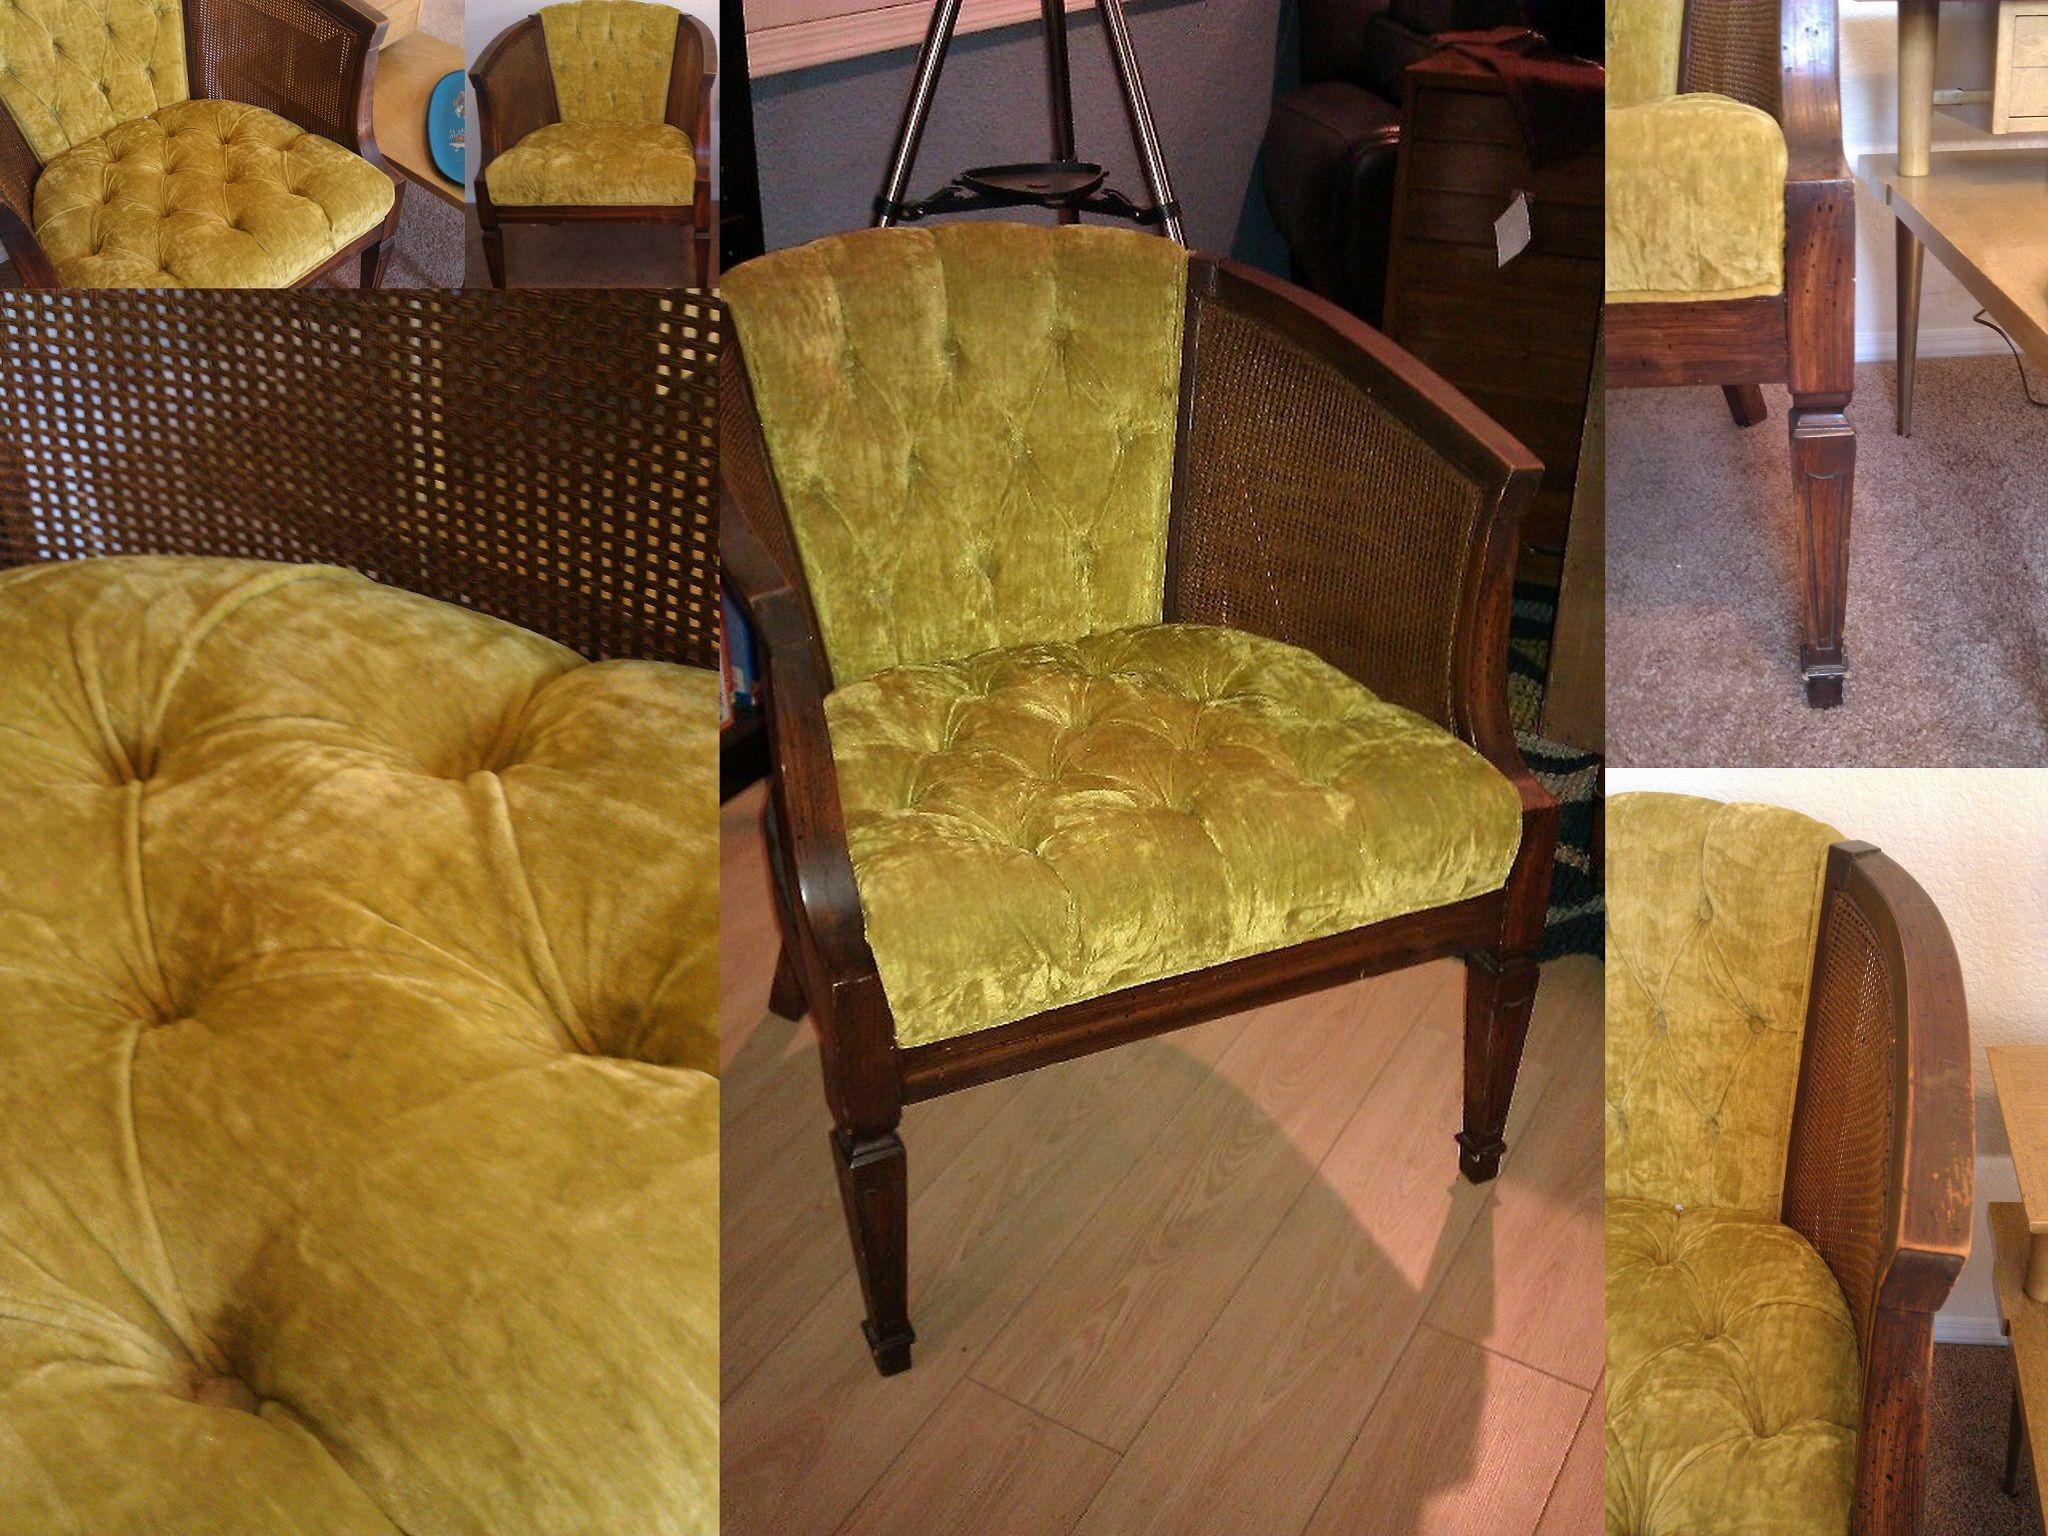 vintage 70s furniture. Furniture For Sale Vintage 70s F